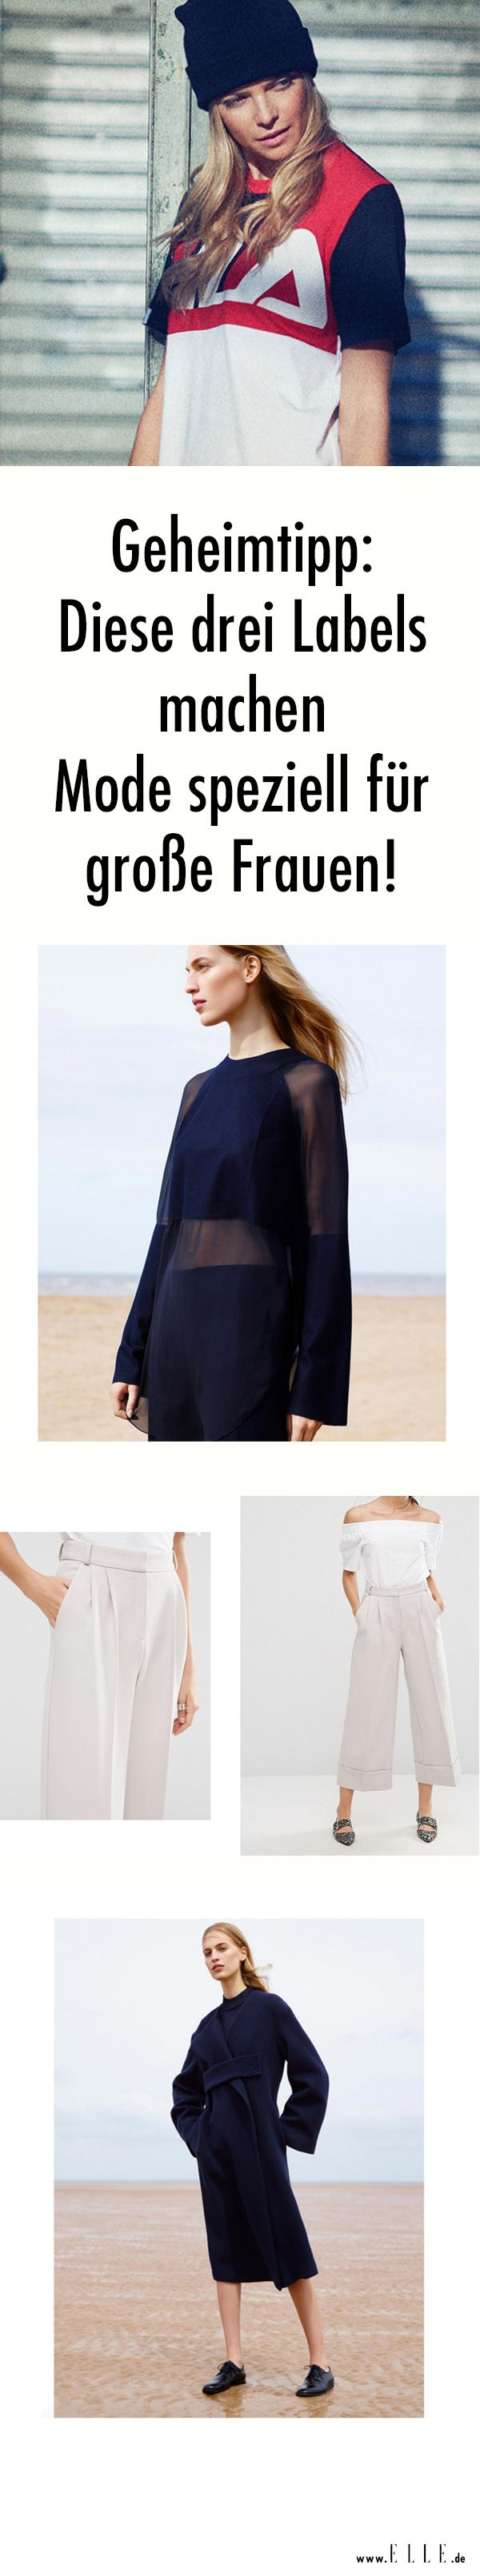 Große Frauen haben es modetechnisch nicht leicht: Alles hier zu kurz, da zu weit. ELLE.de zeigt dir drei Labels, die Mode speziell für große Frauen machen.